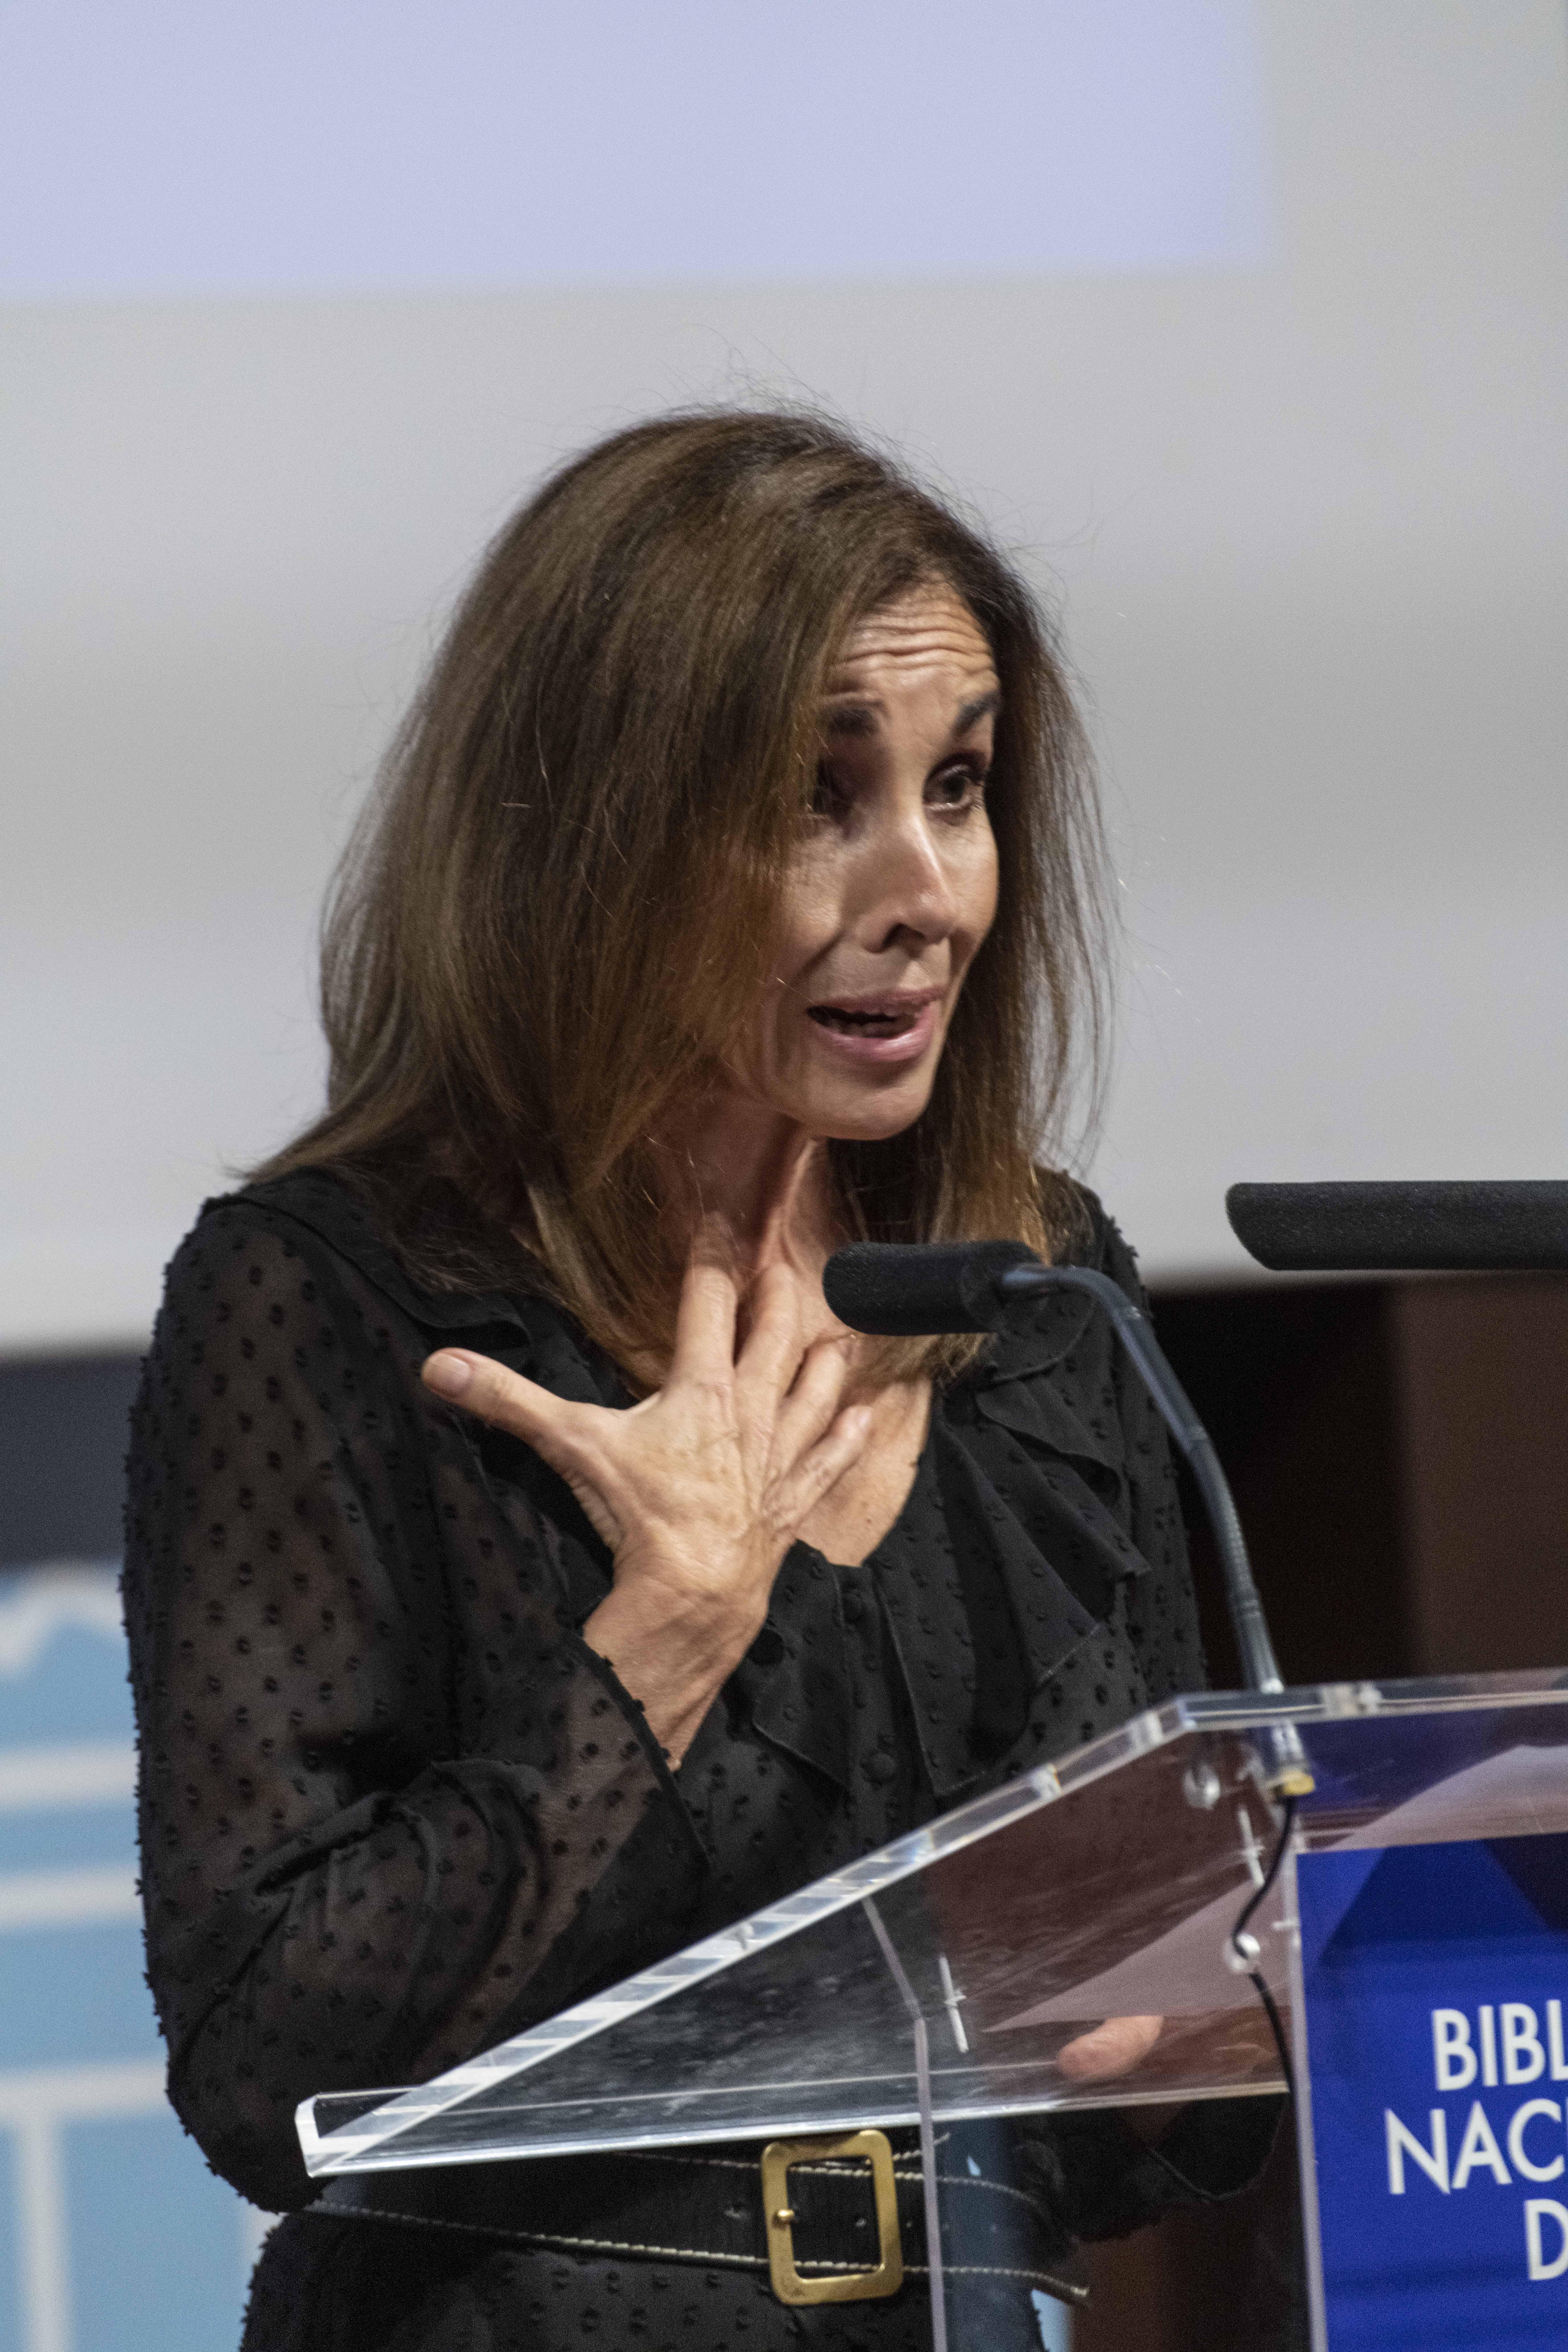 2019 Ana Belén